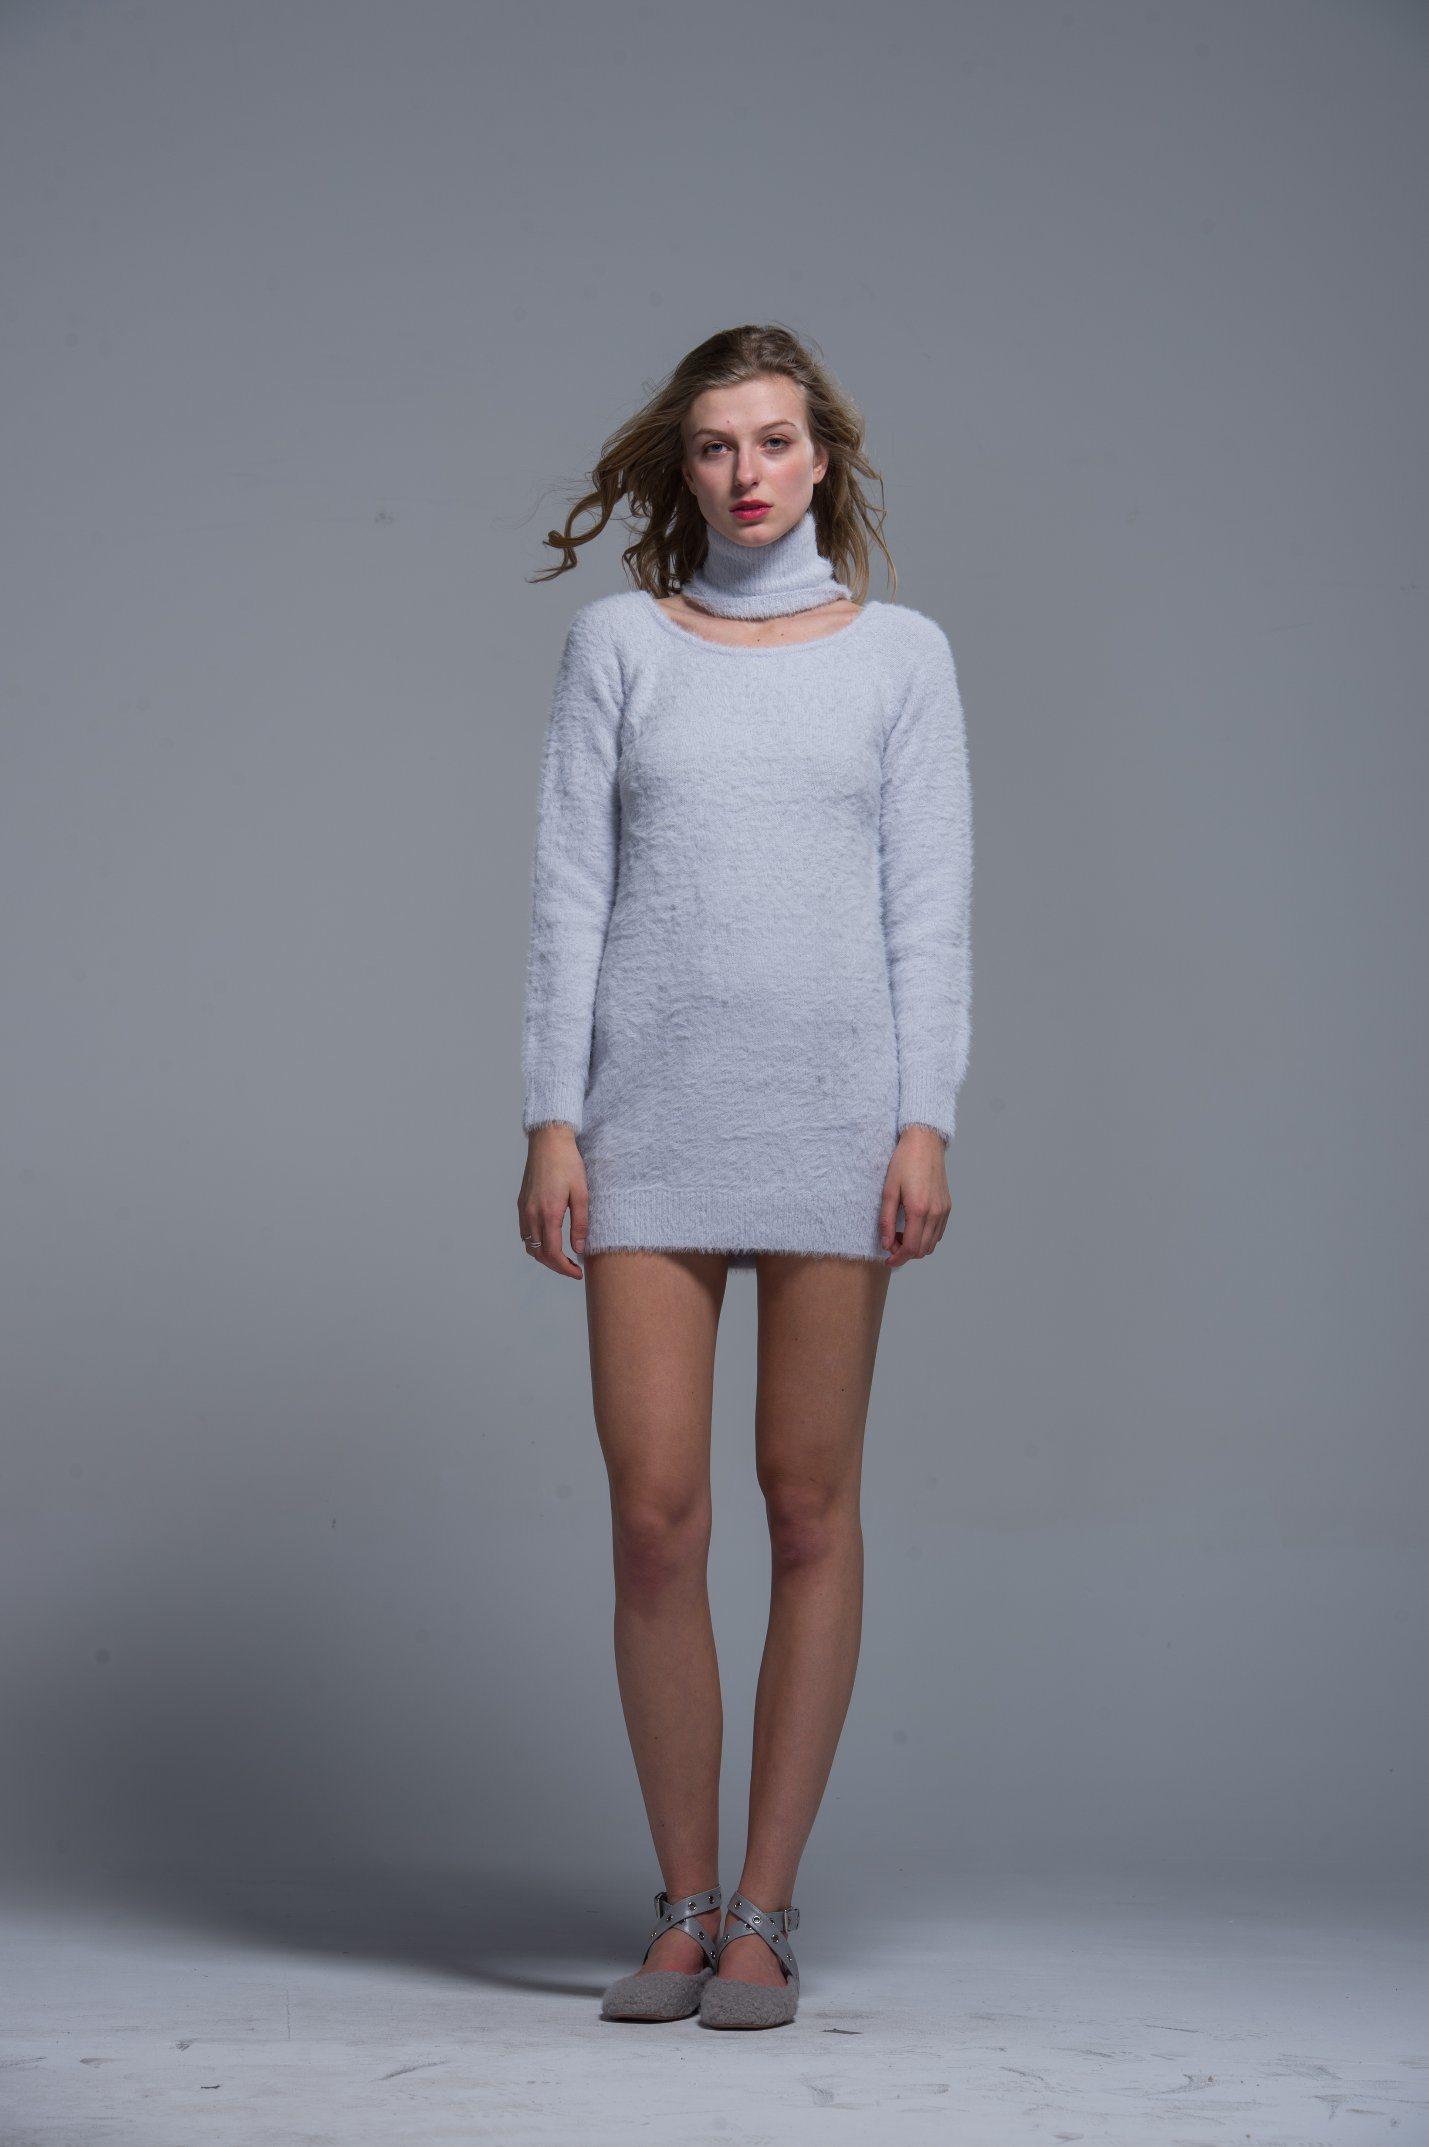 Дамы трикотажные свитер акриловый белый моды осень зима женщин удобные